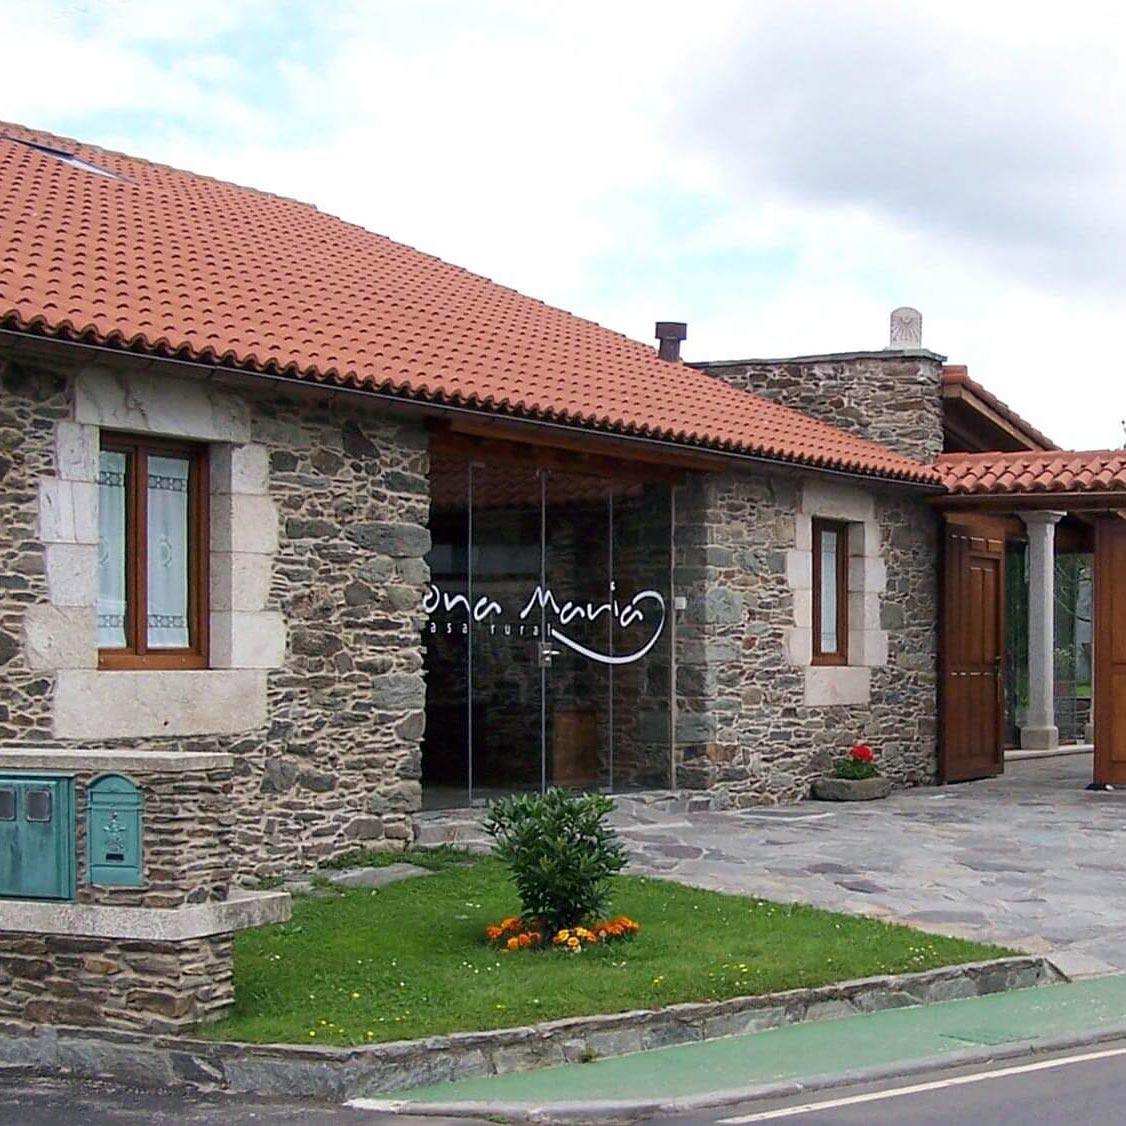 Casa DonaMaría